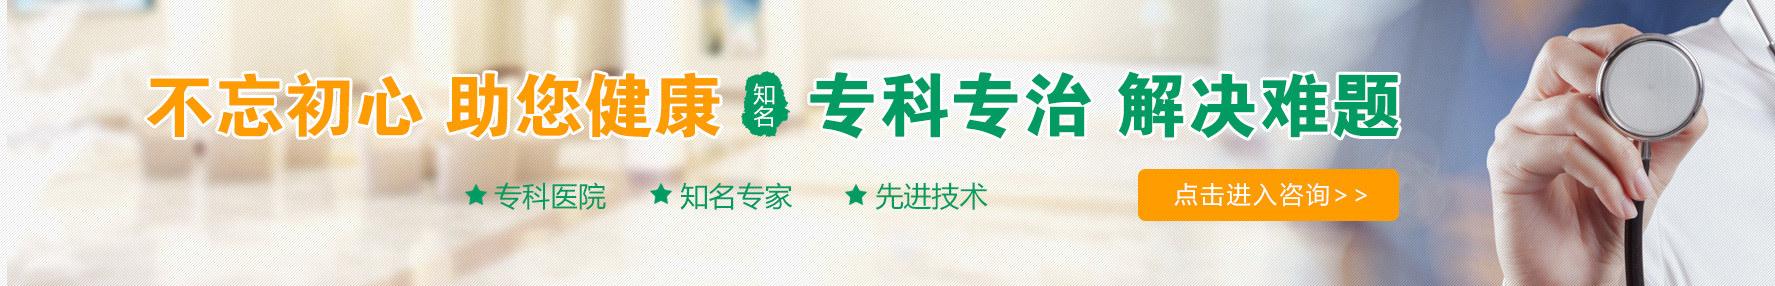 义乌男科医院